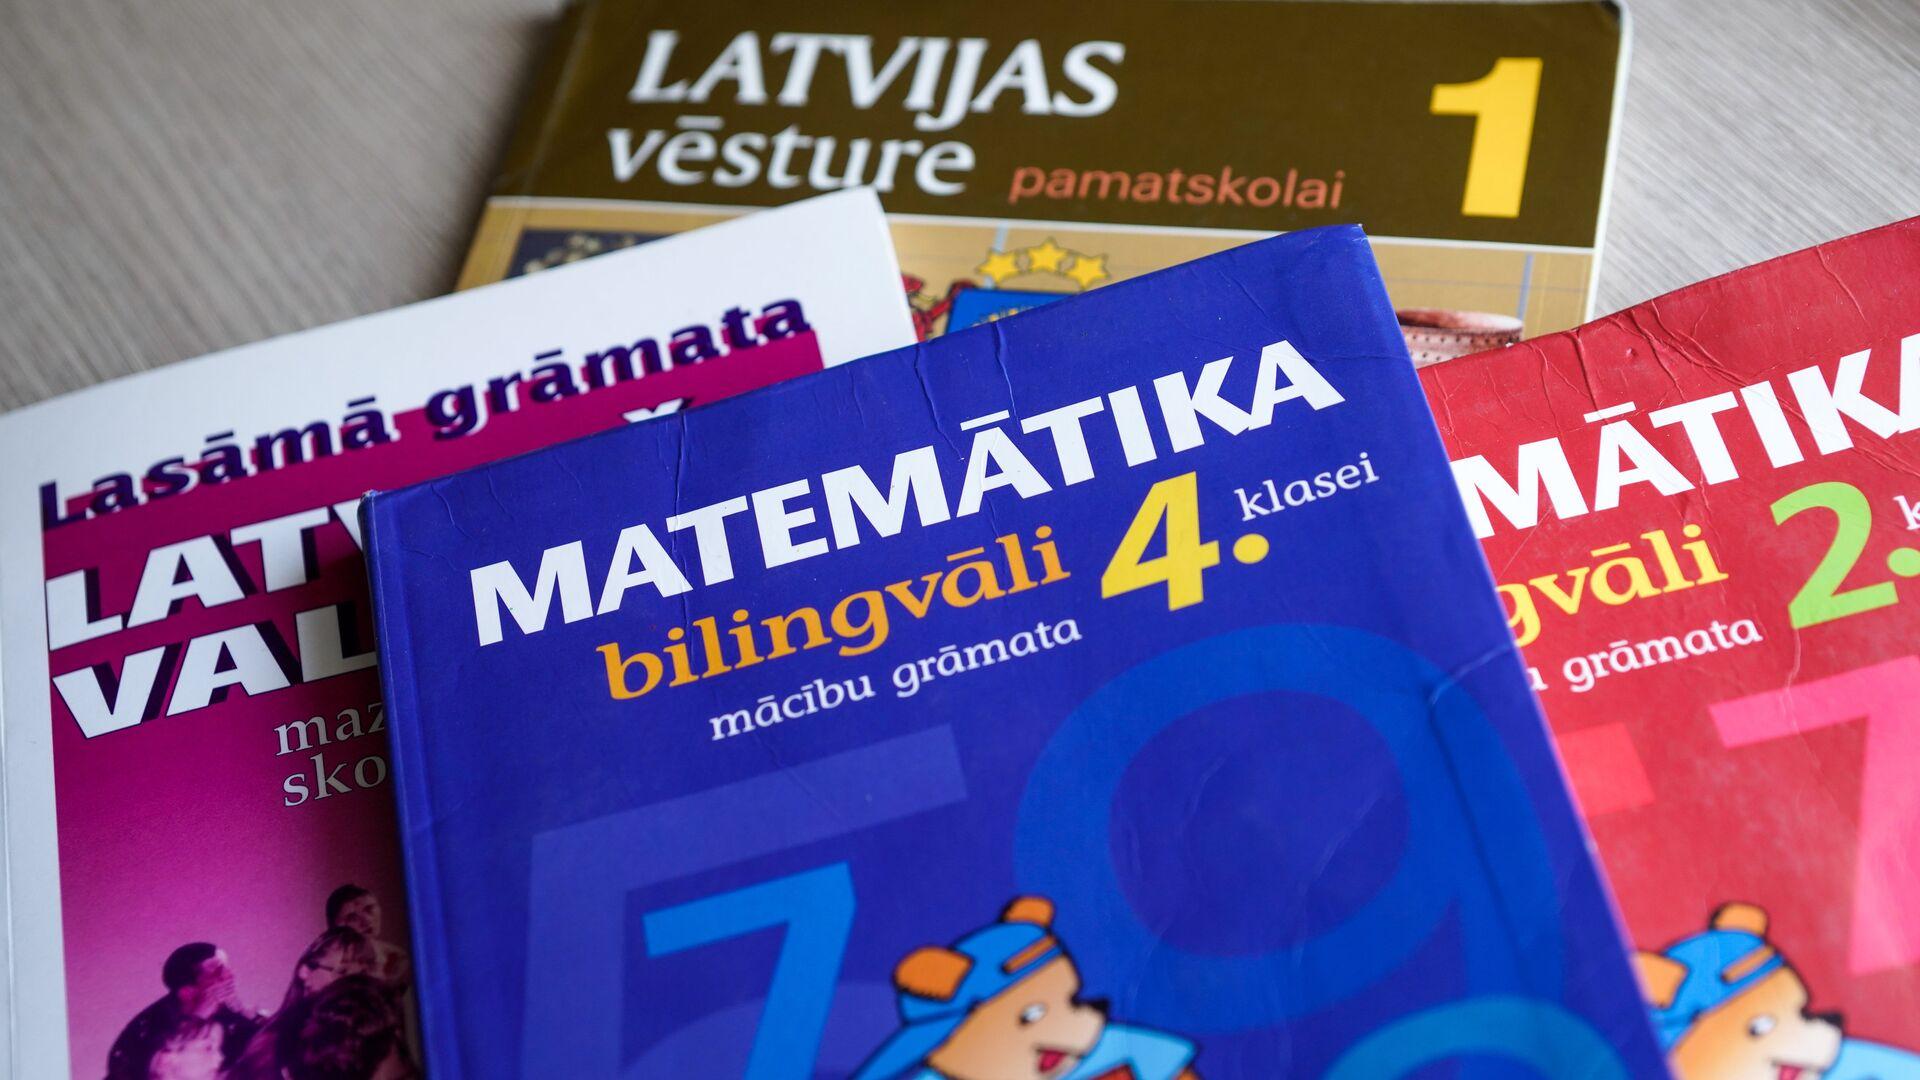 Учебники, по которым учатся дети в русской школе в Латвии - РИА Новости, 1920, 05.09.2021